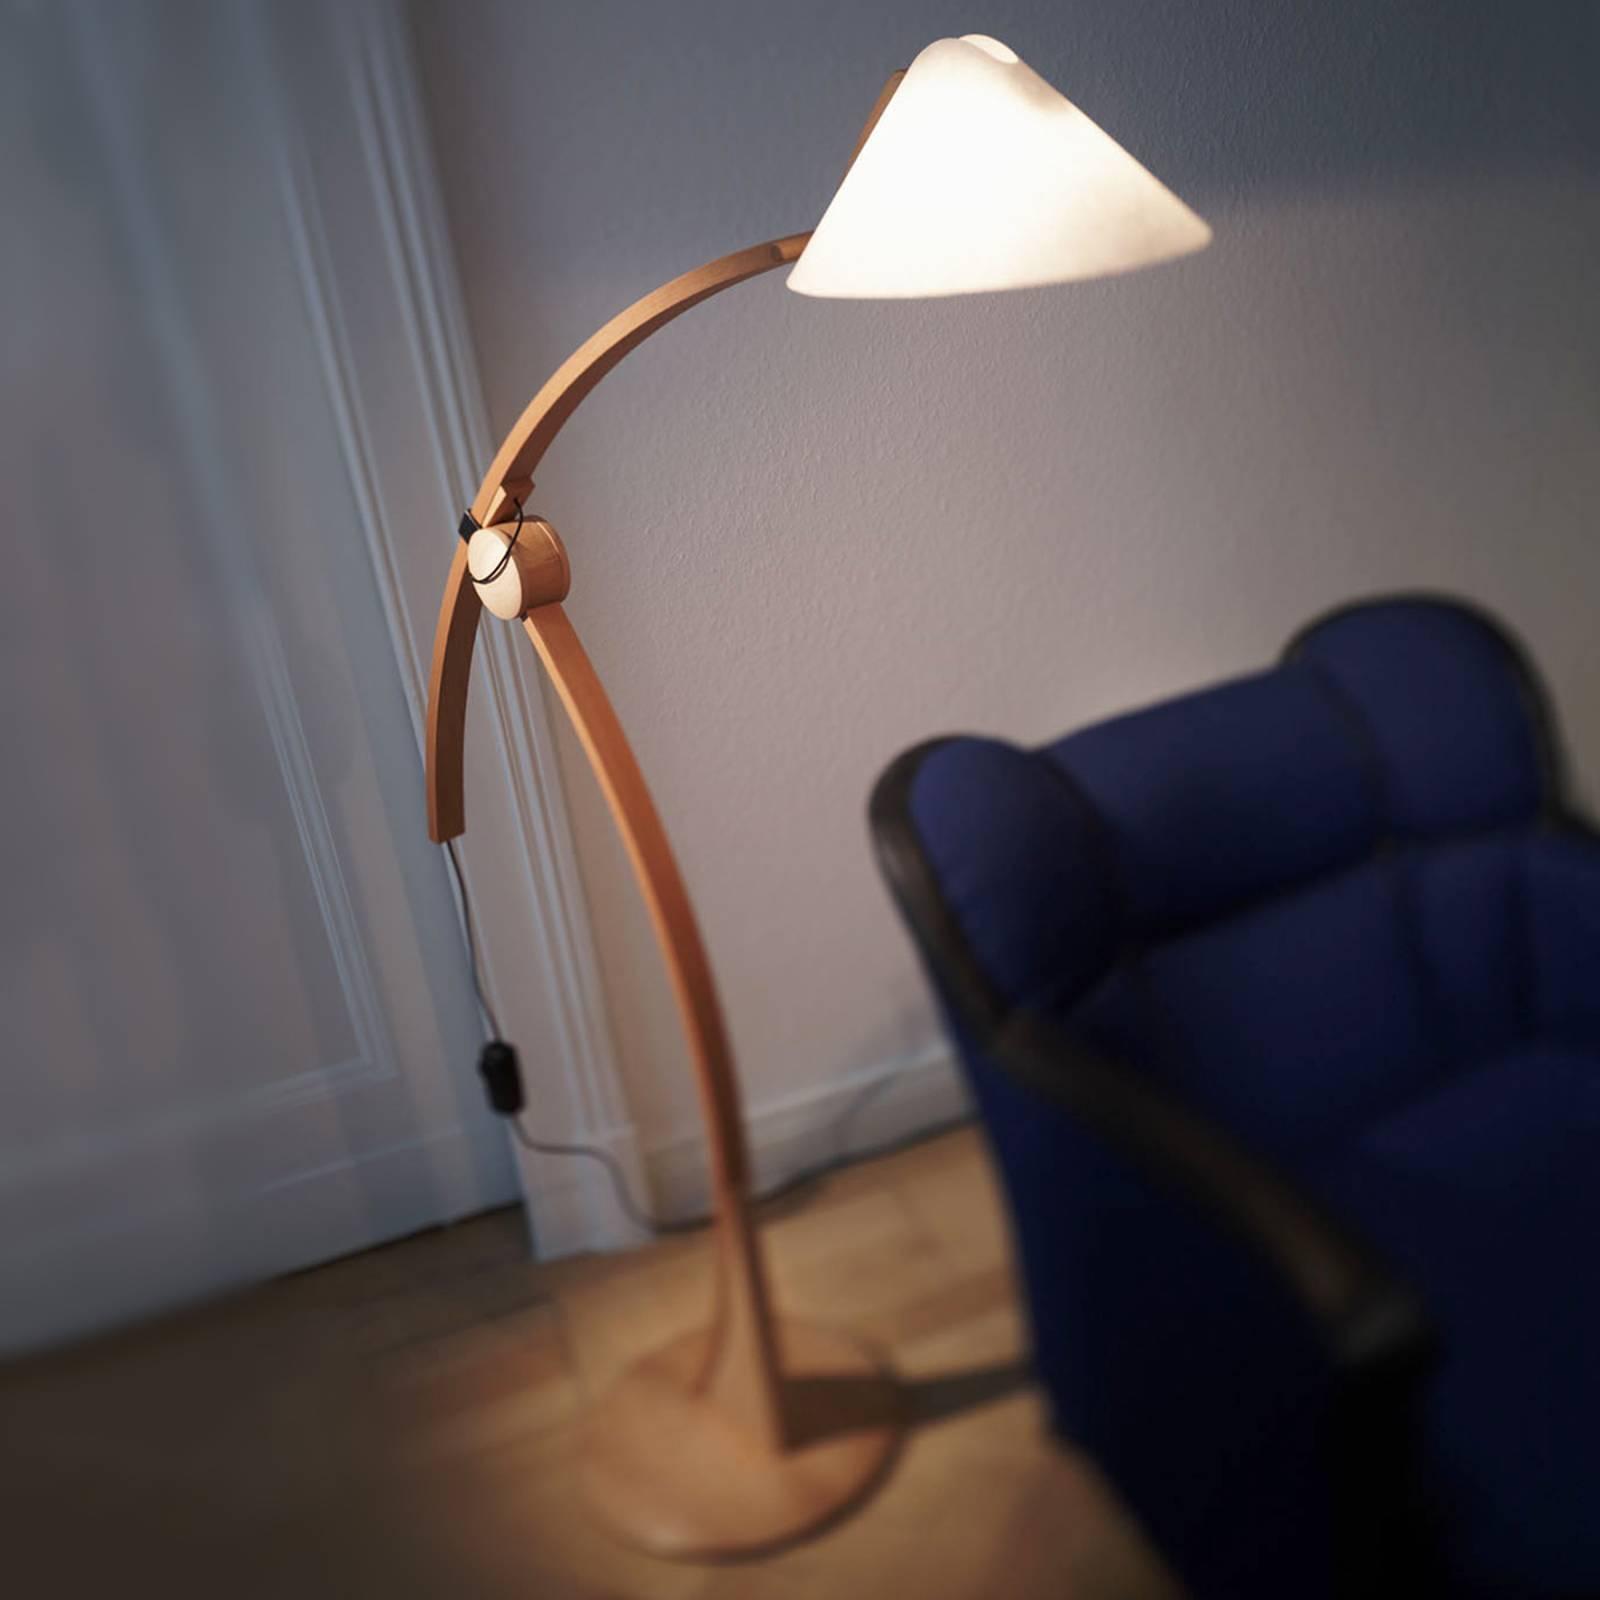 Vloerlamp Pollo E27 in beukenhout, dimbaar